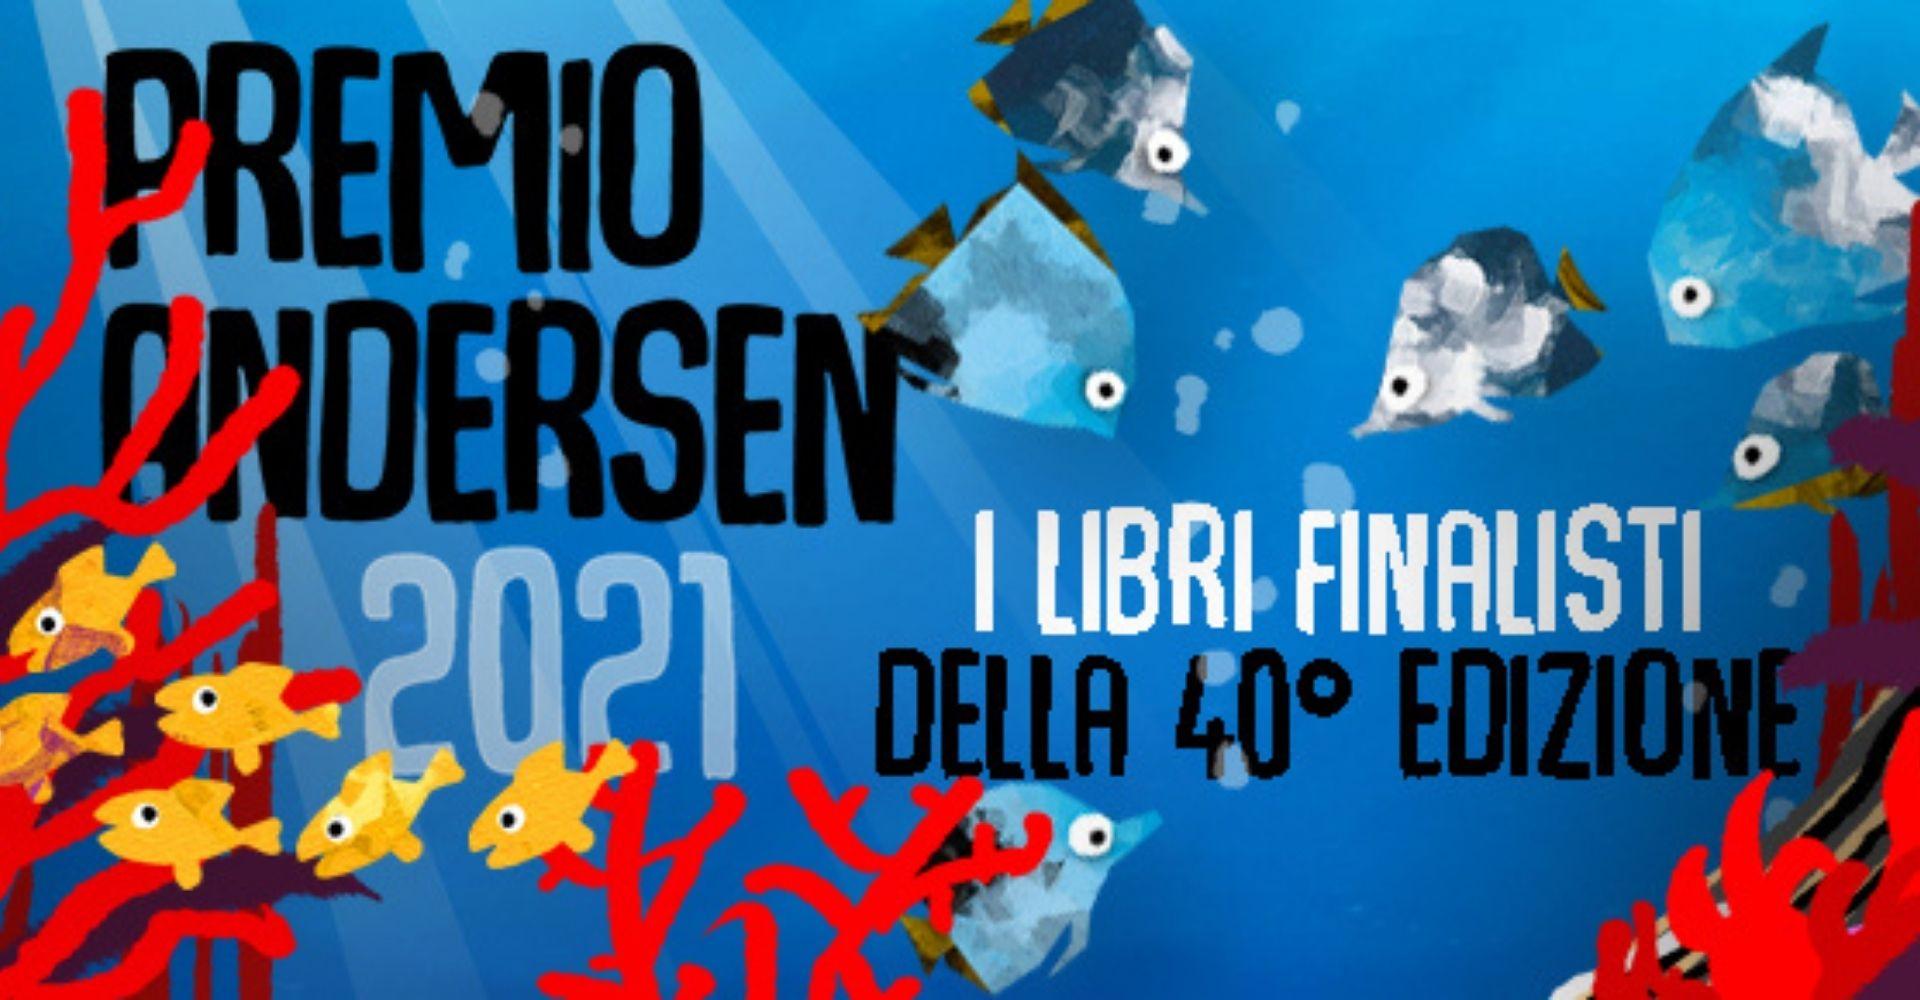 I finalisti del Premio Andersen 2021, dedicato ai libri per l'infanzia